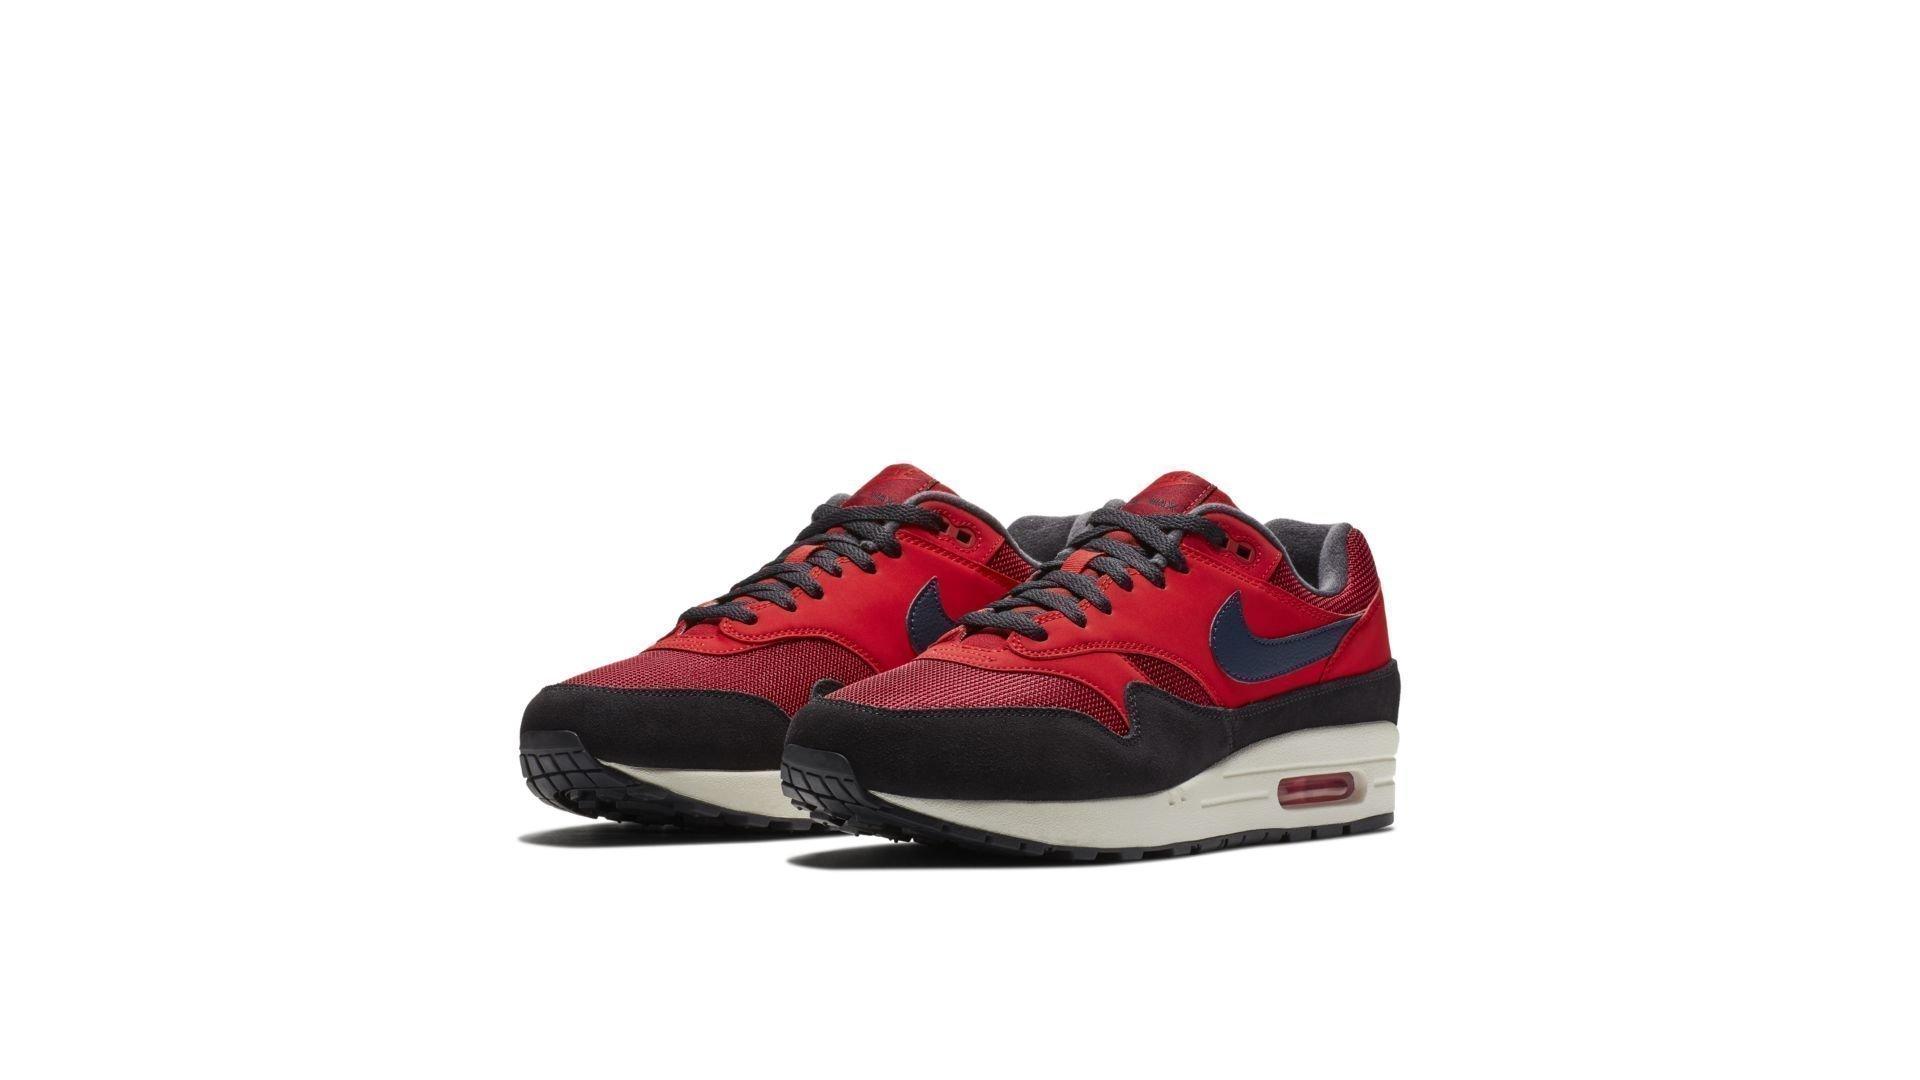 Nike Air Max 1 'Red Black' (AH8145-600)